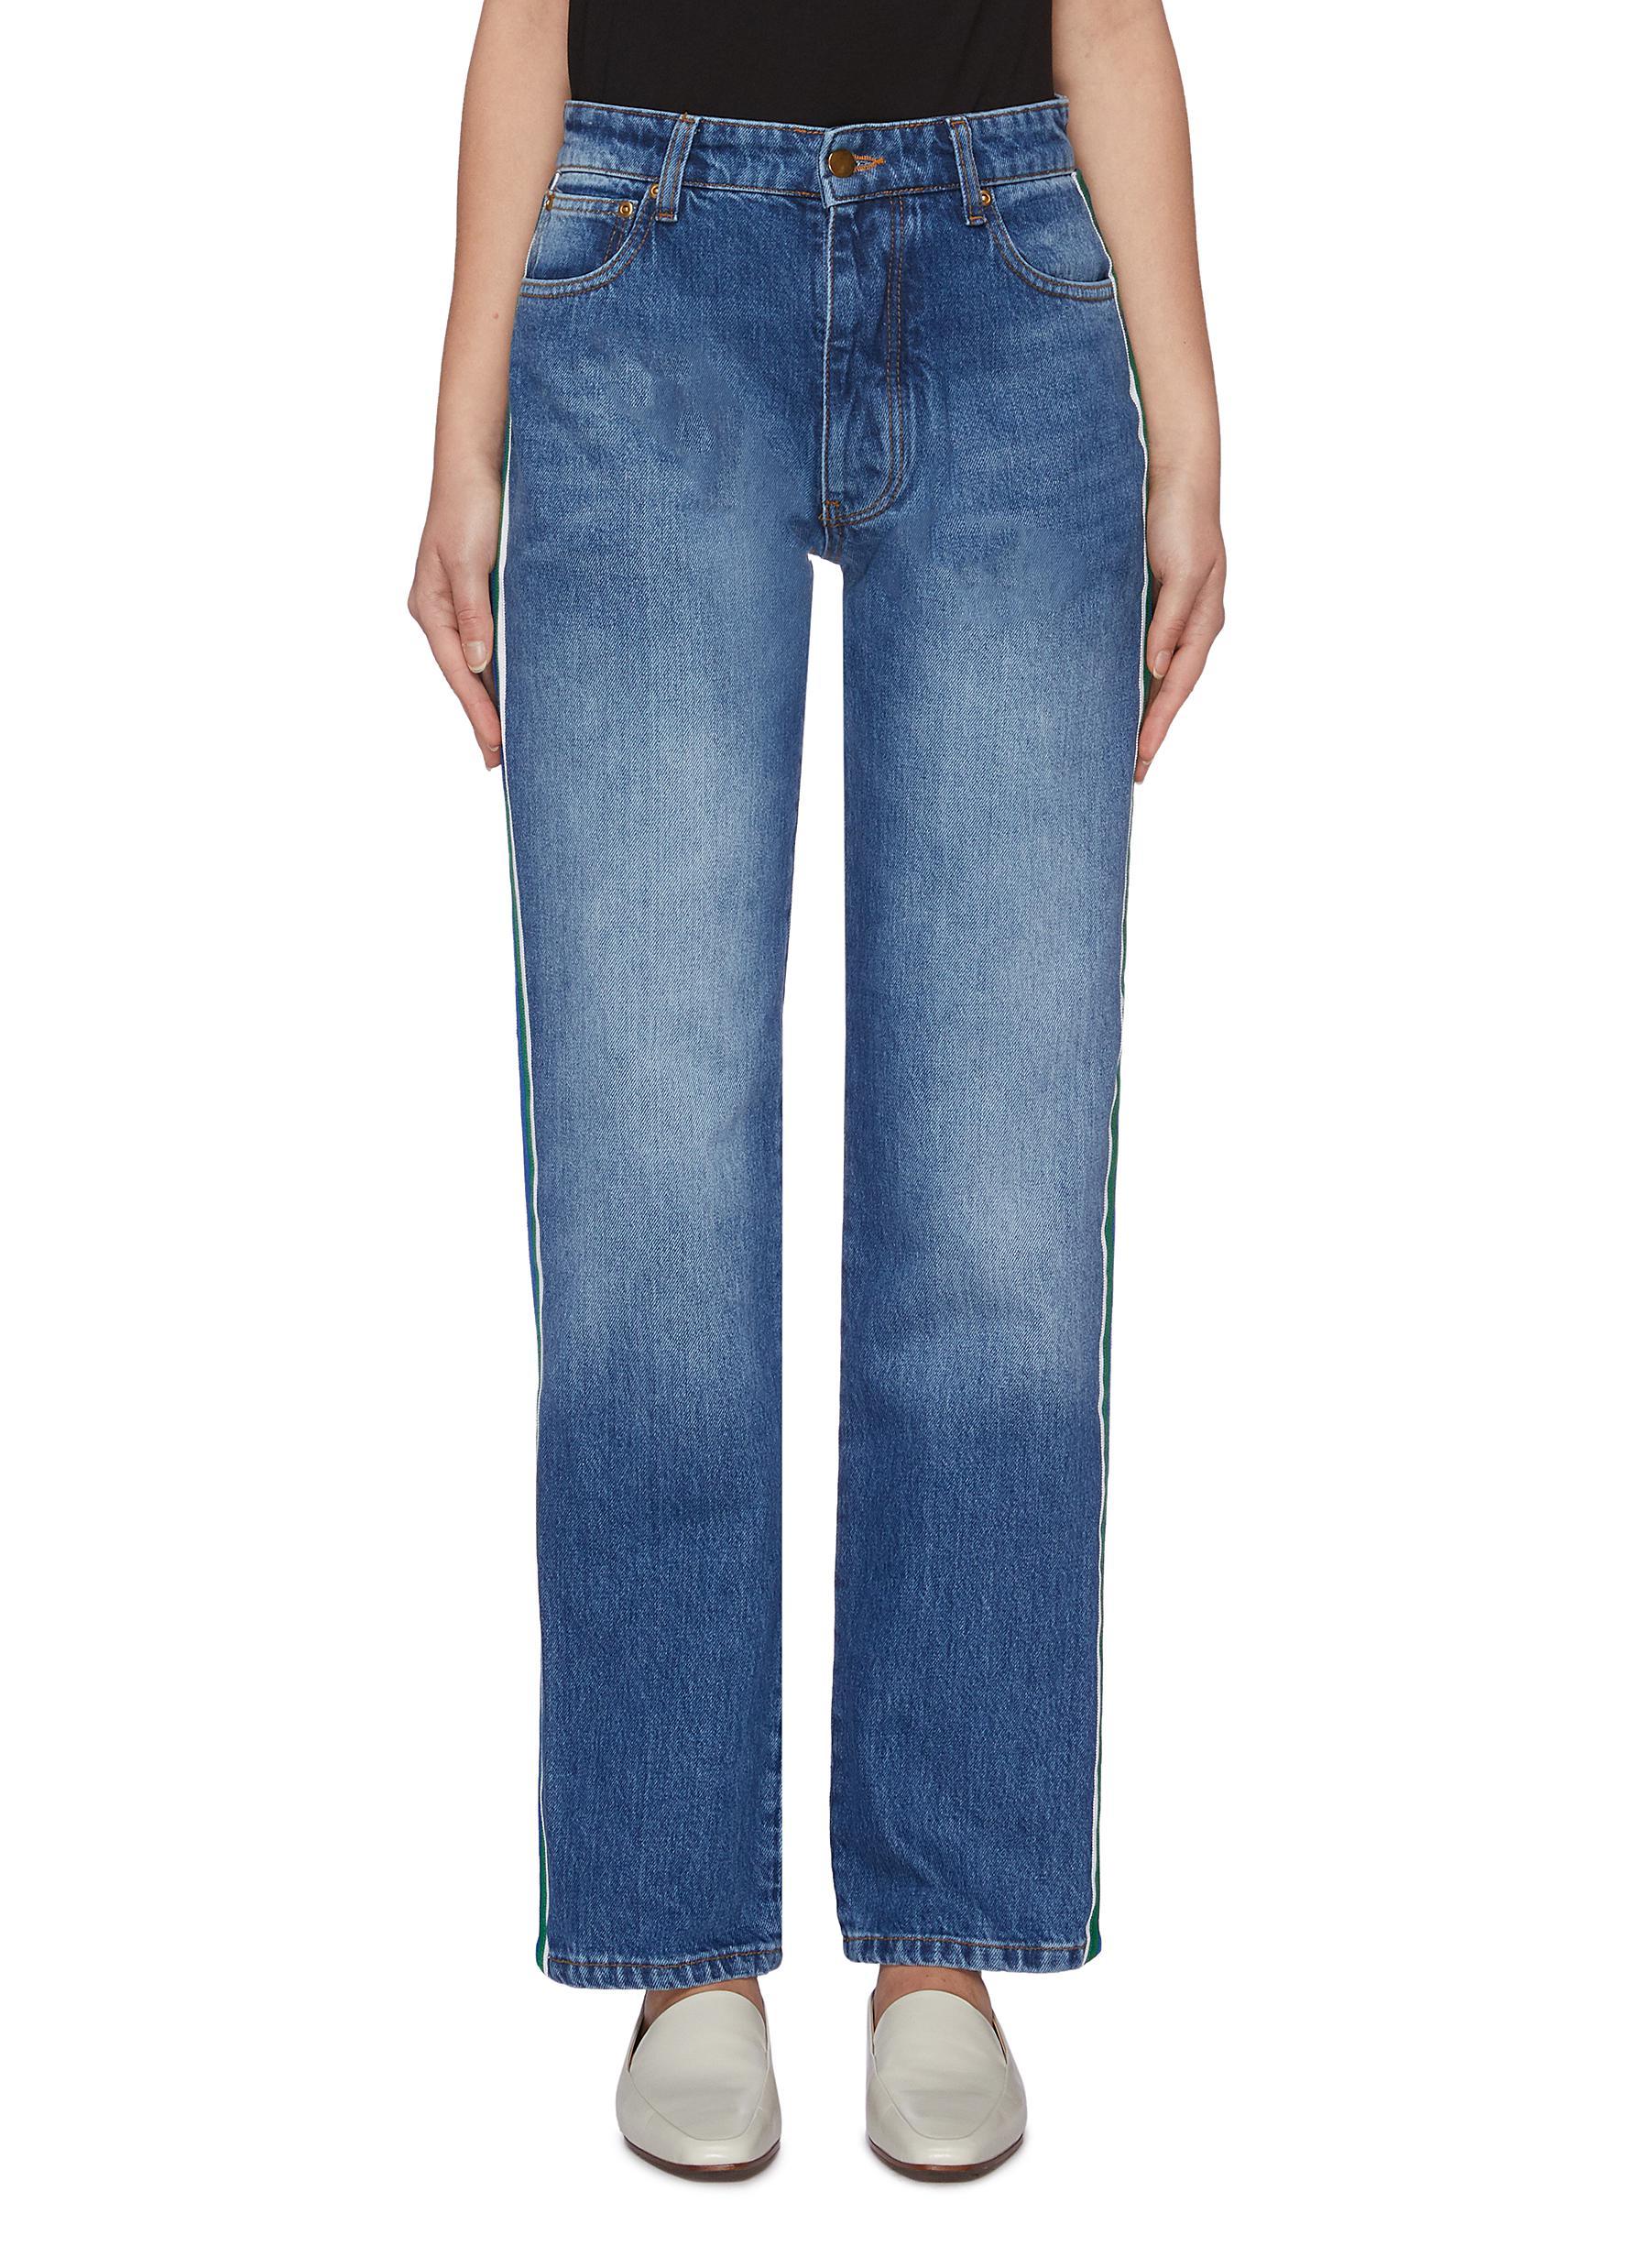 Arizona grosgrain stripe outseam boyfriend jeans by Victoria, Victoria Beckham